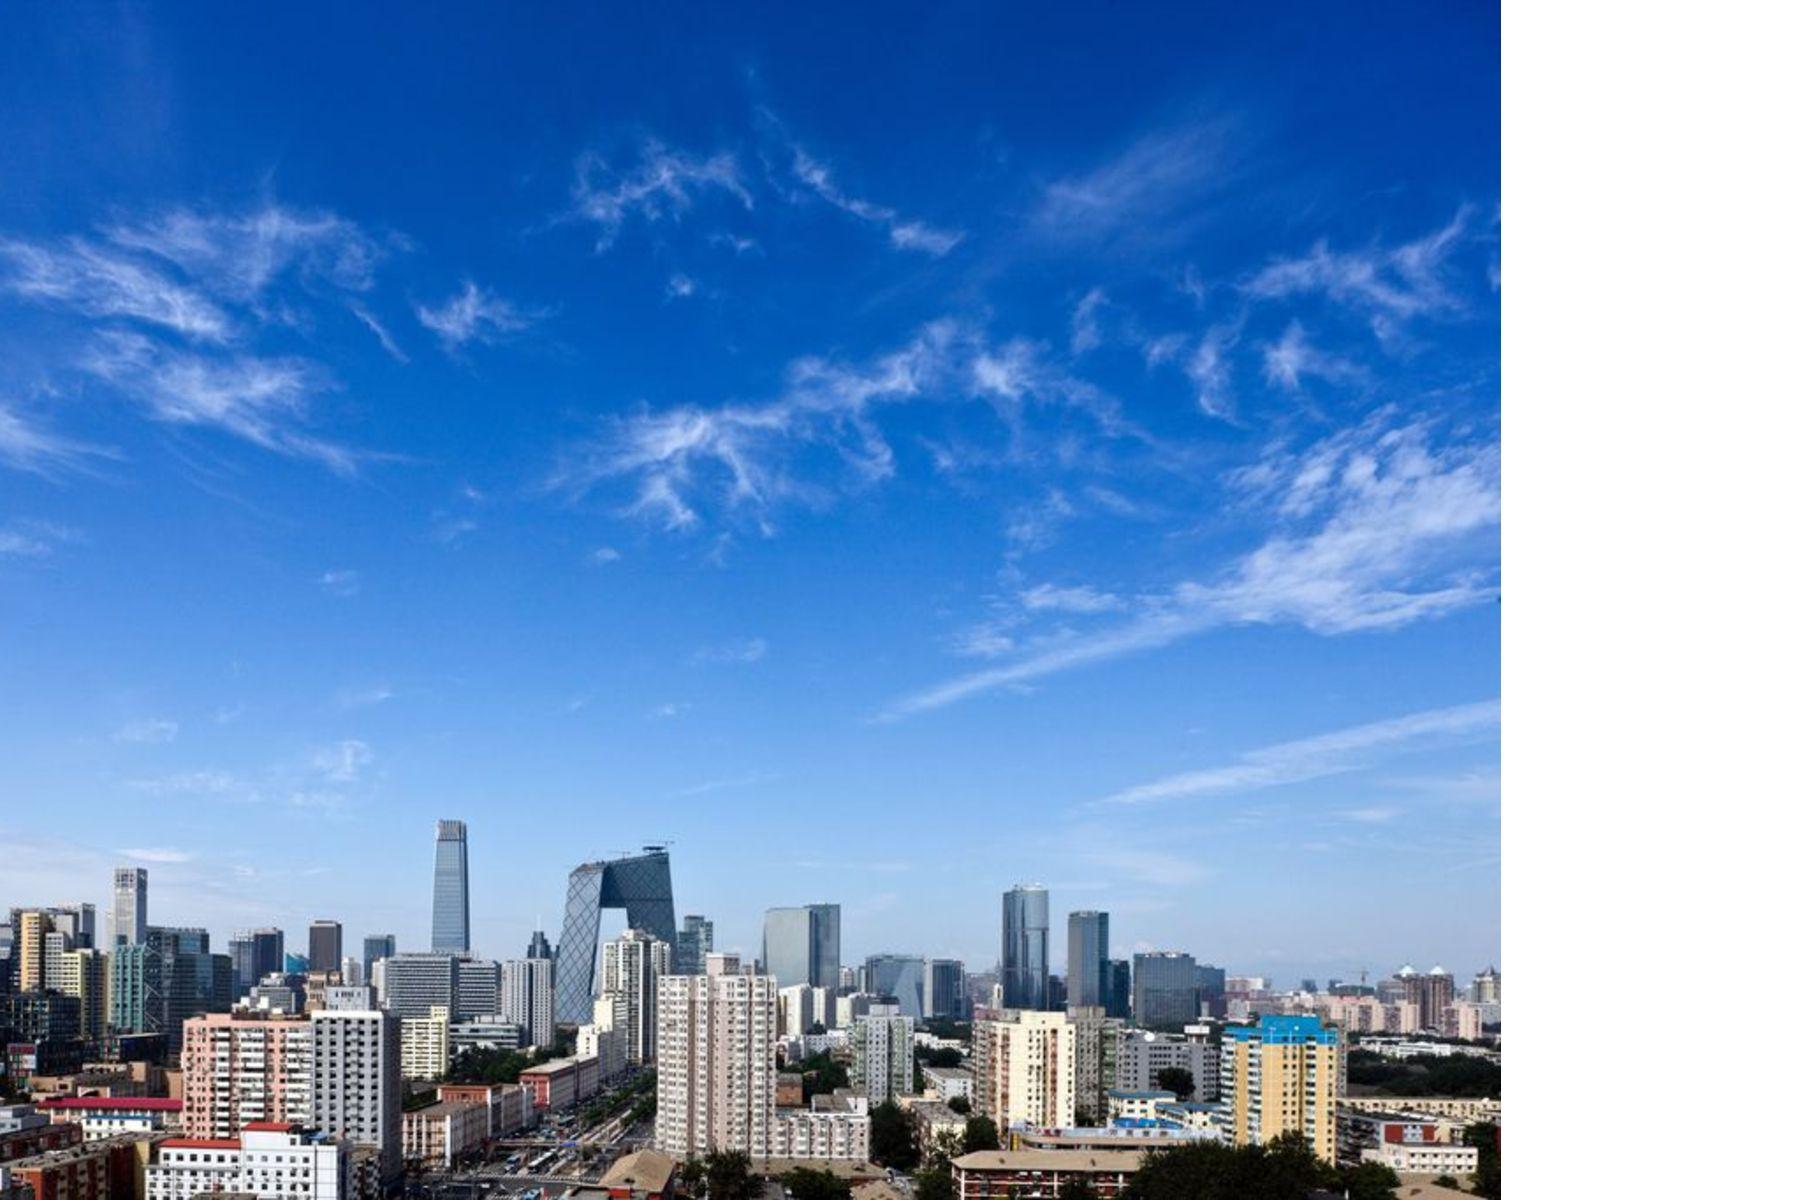 OMA/Rem Koolhaas: CCTV building in Beijing